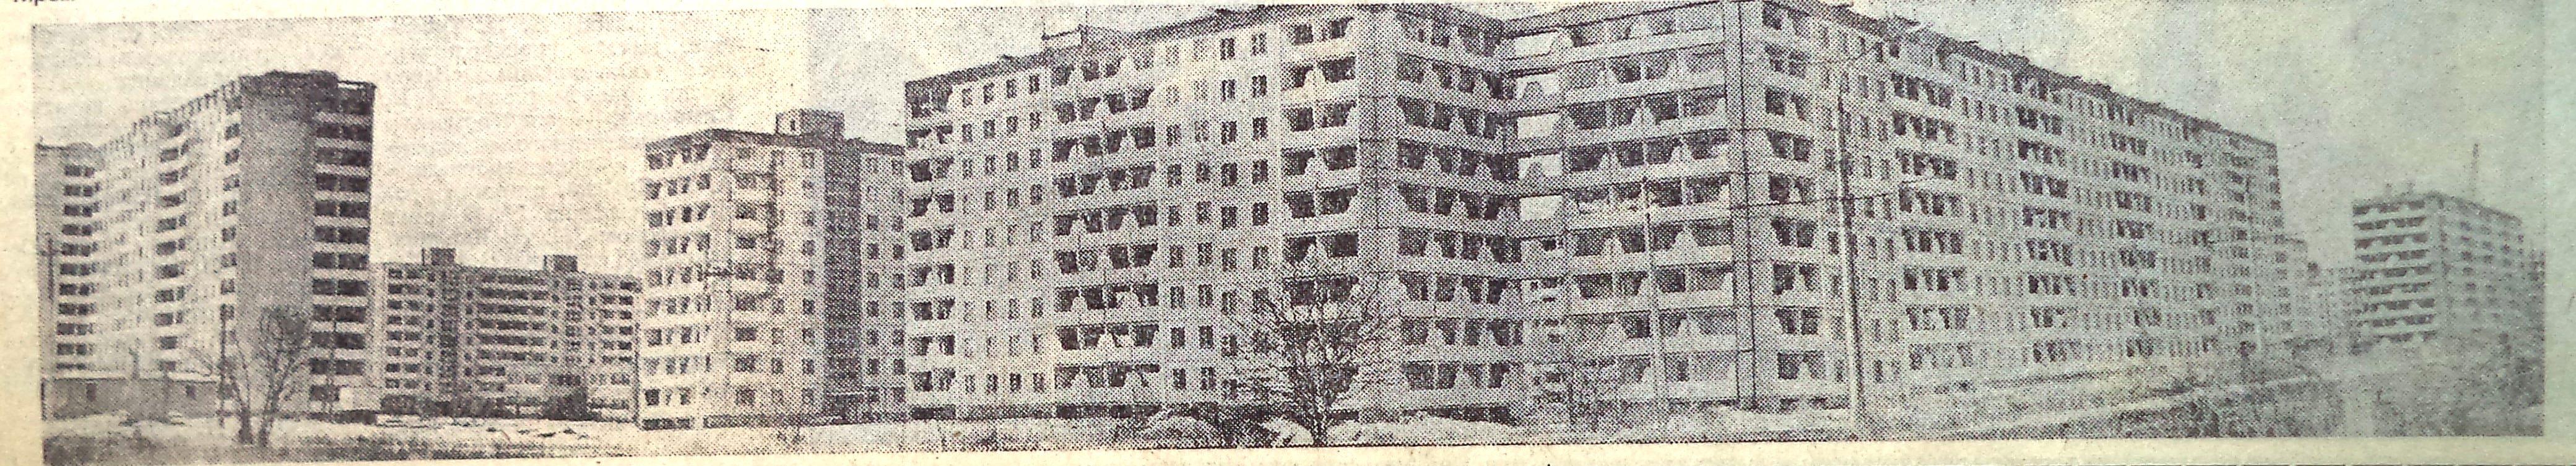 Ташкентская-ФОТО-73-ВЗя-1980-12-04-фото Приволжского-М.ш.-Ташк-min